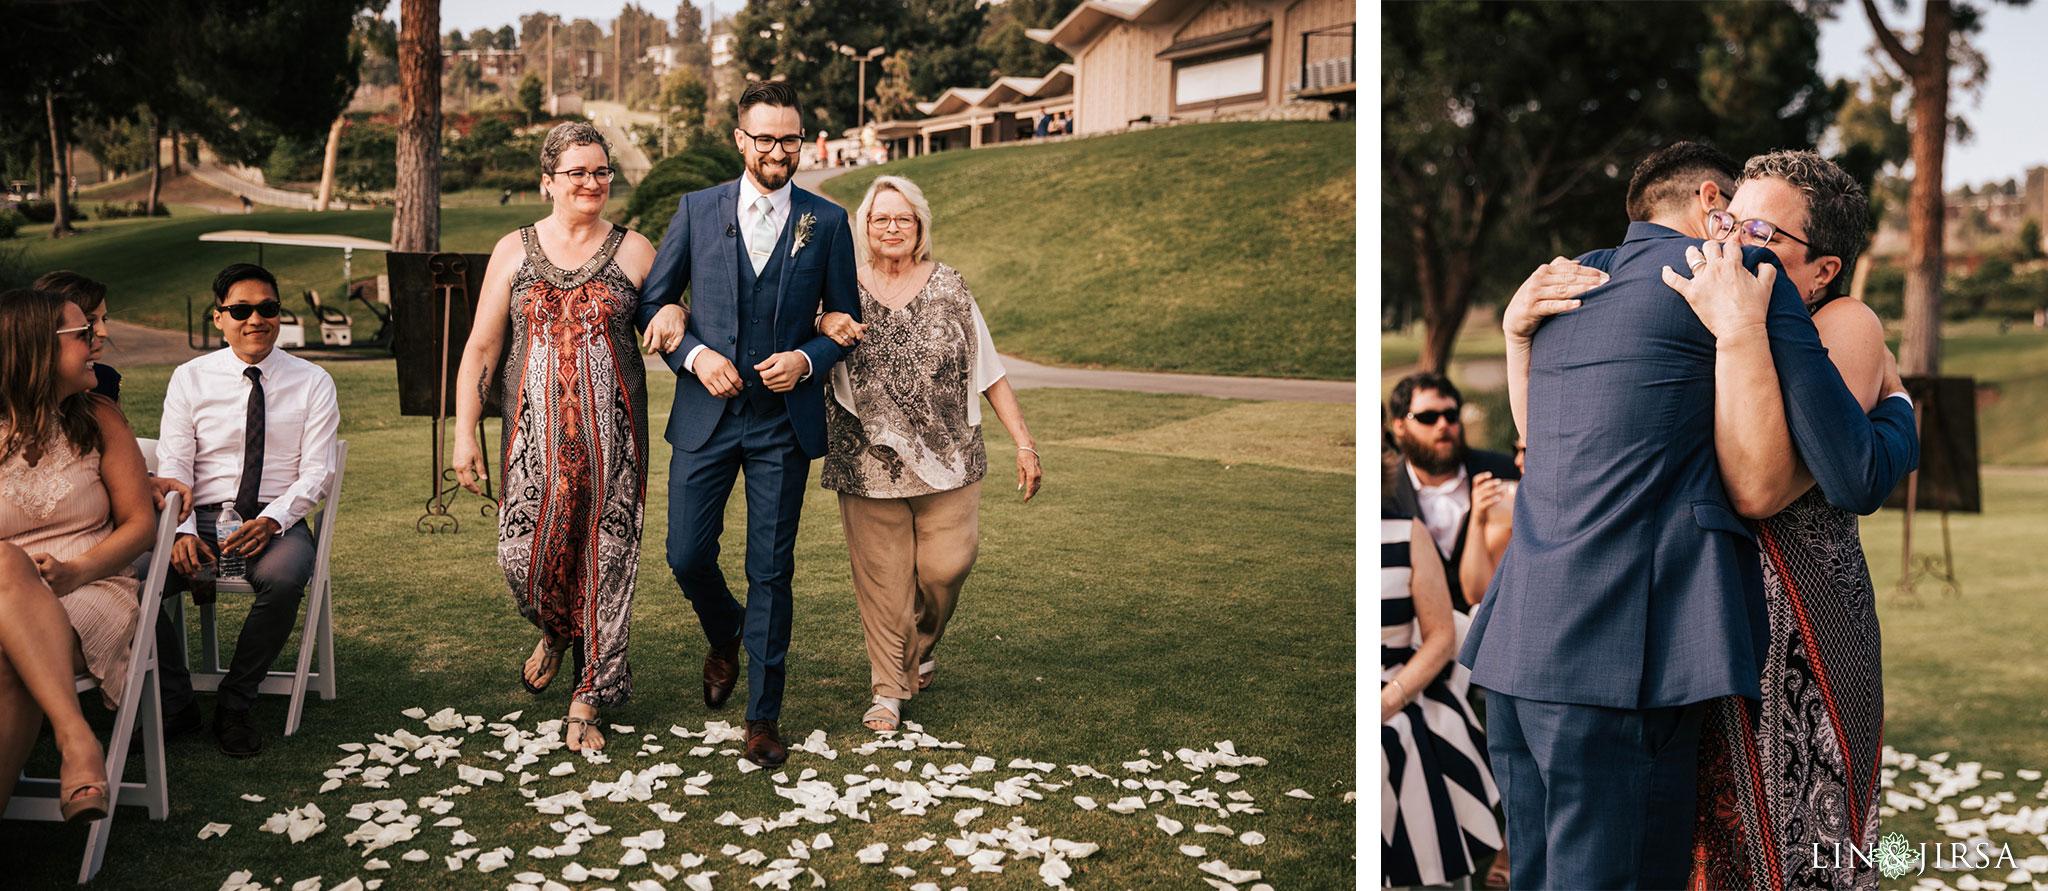 022 los verdes golf course wedding ceremony photography